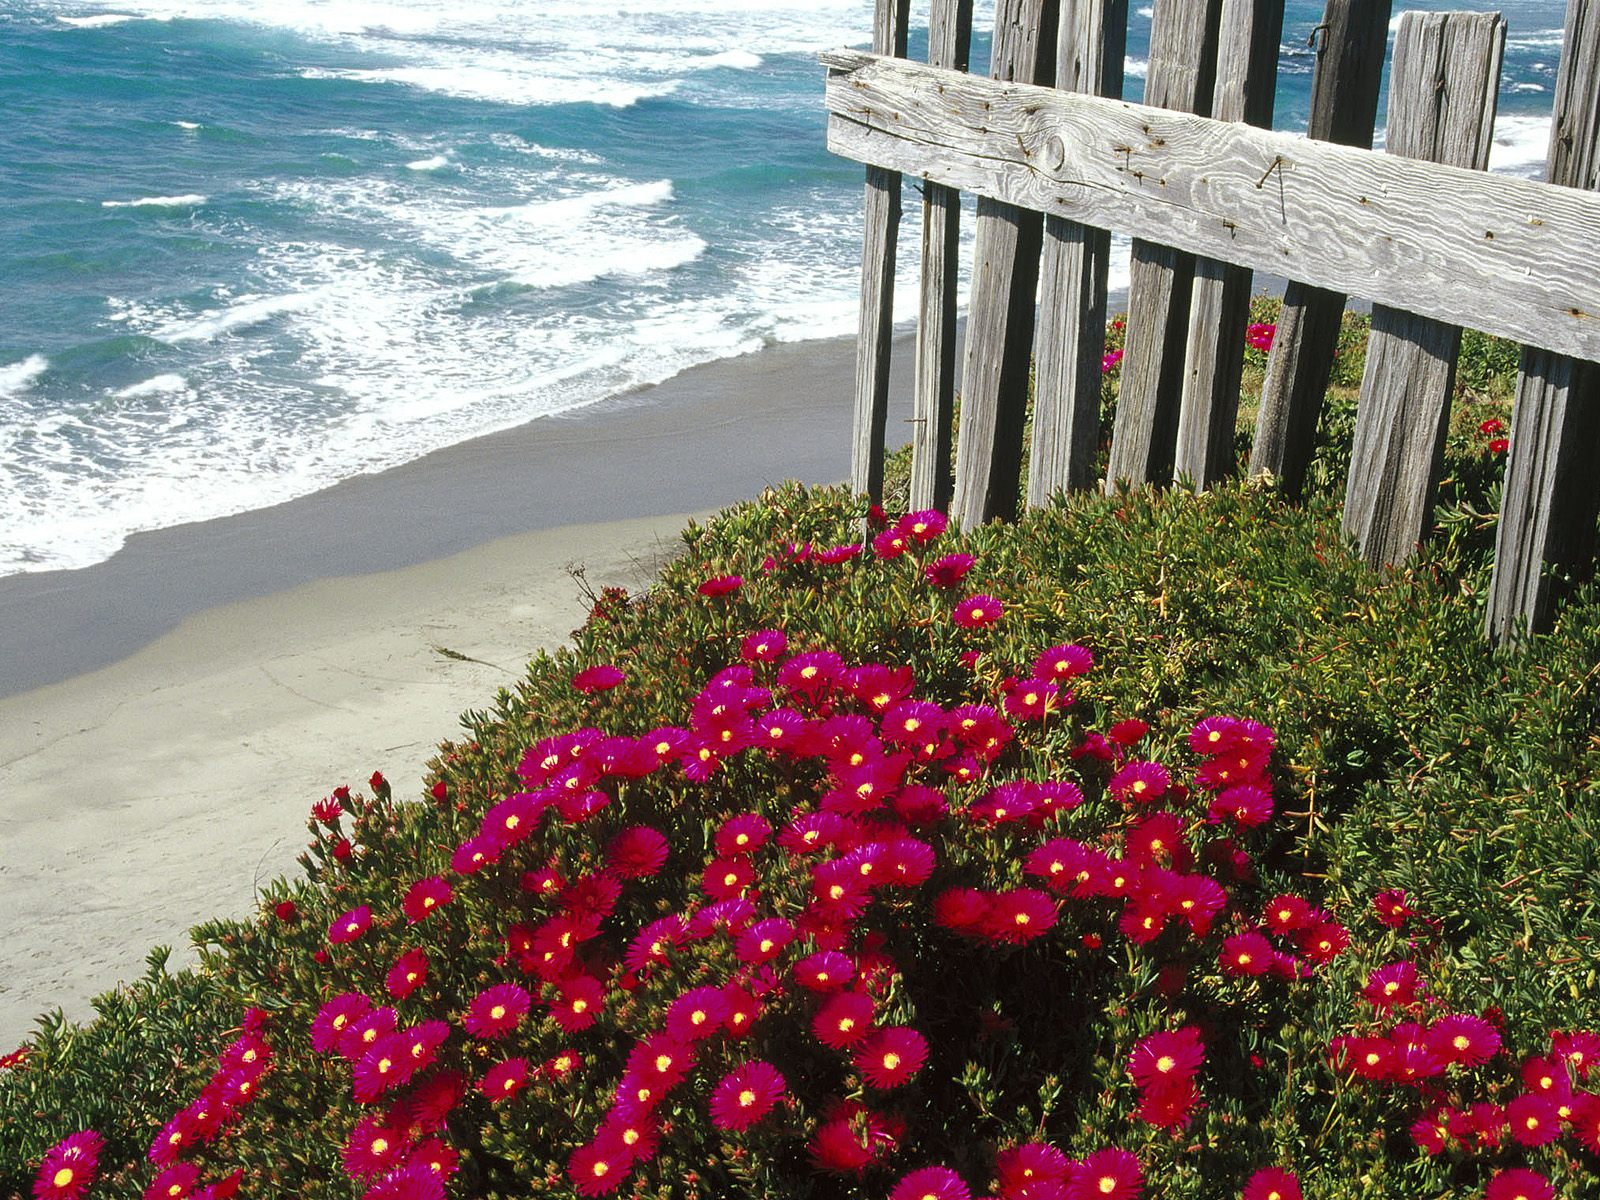 http://4.bp.blogspot.com/-dqFr0yO9CS0/TlS-dW3_Y0I/AAAAAAAABHc/HLKOo4YhAJY/s1600/Ice+Plant%252C+Central+Coast%252C+California.jpg